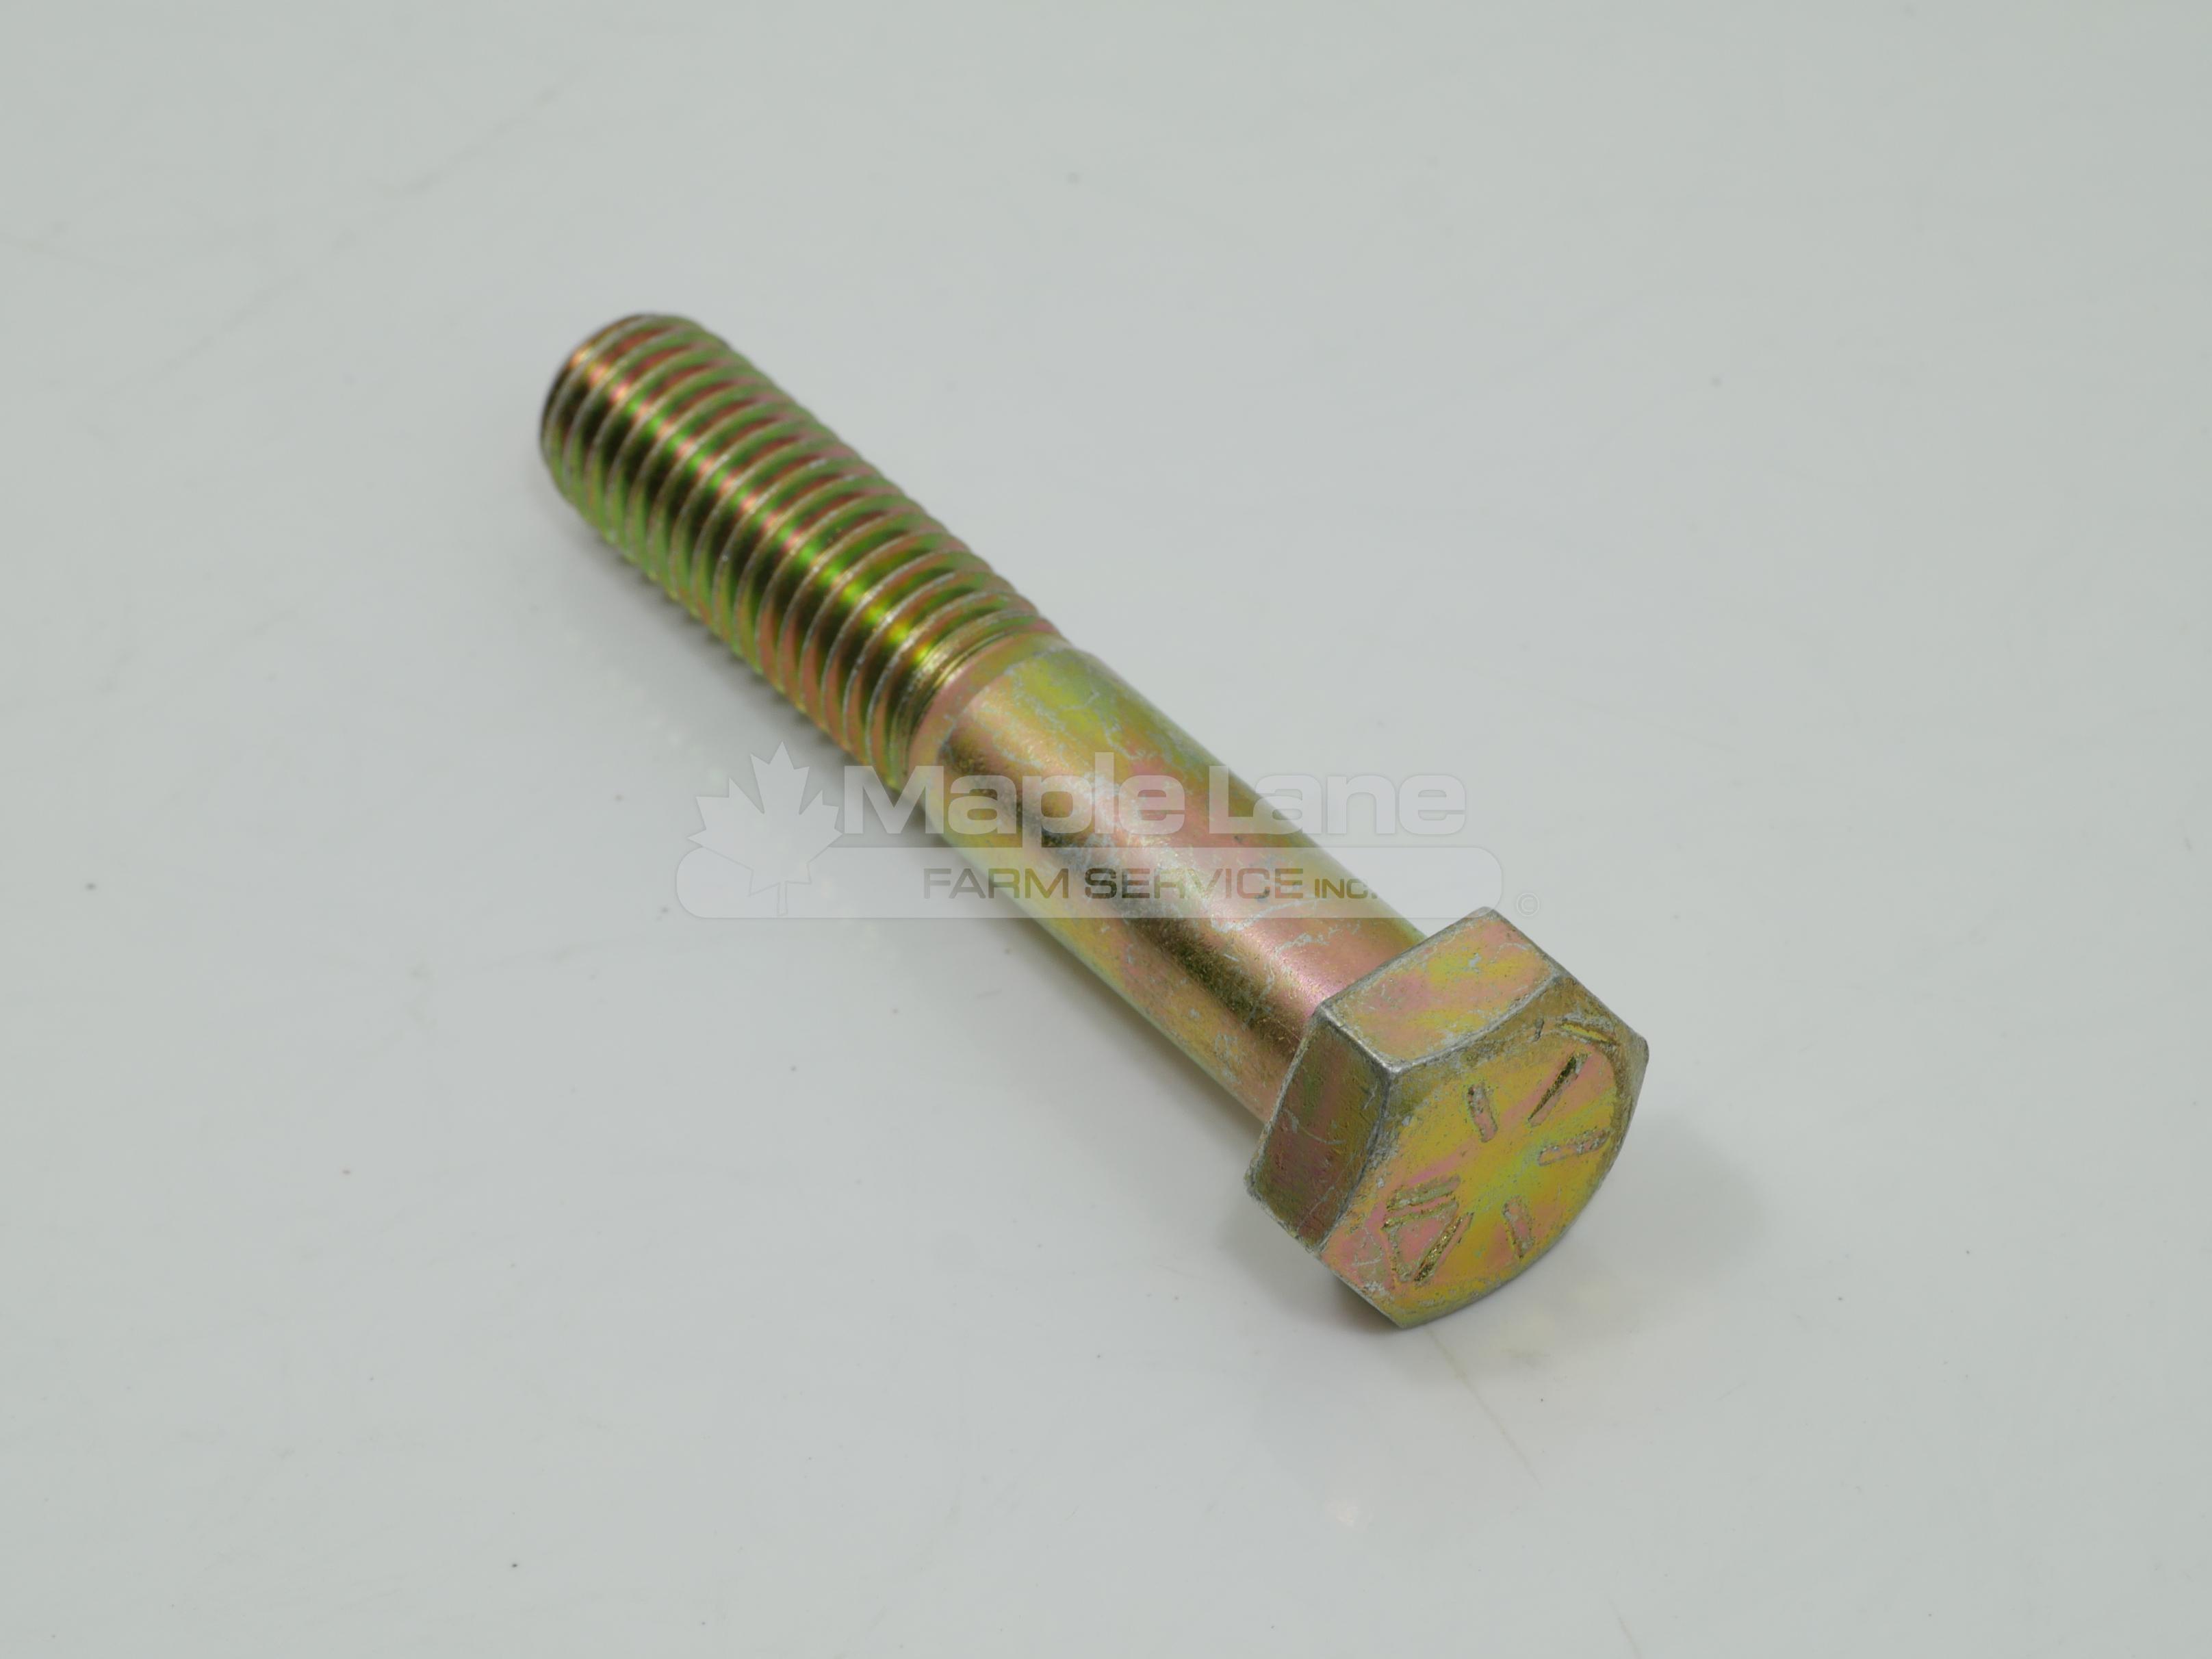 651542 Cap Screw